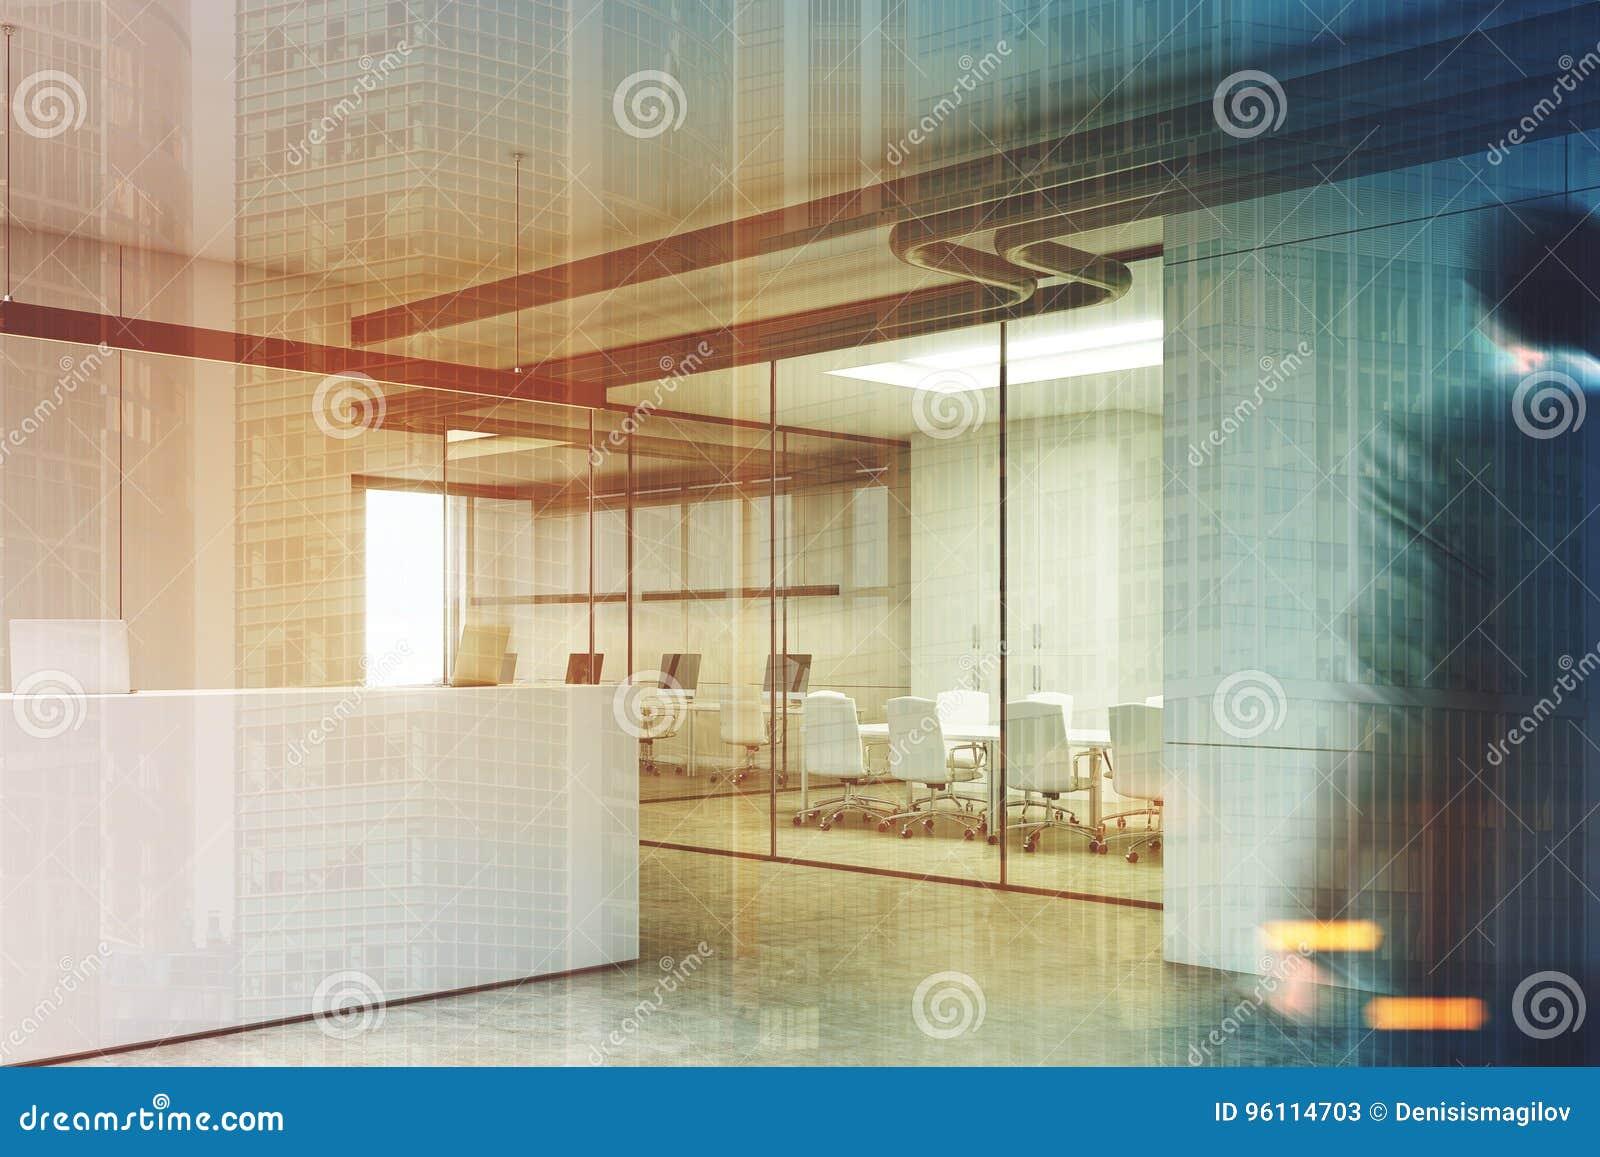 Reception Ufficio Bianco : Ufficio bianco con una reception angolo uomo illustrazione di